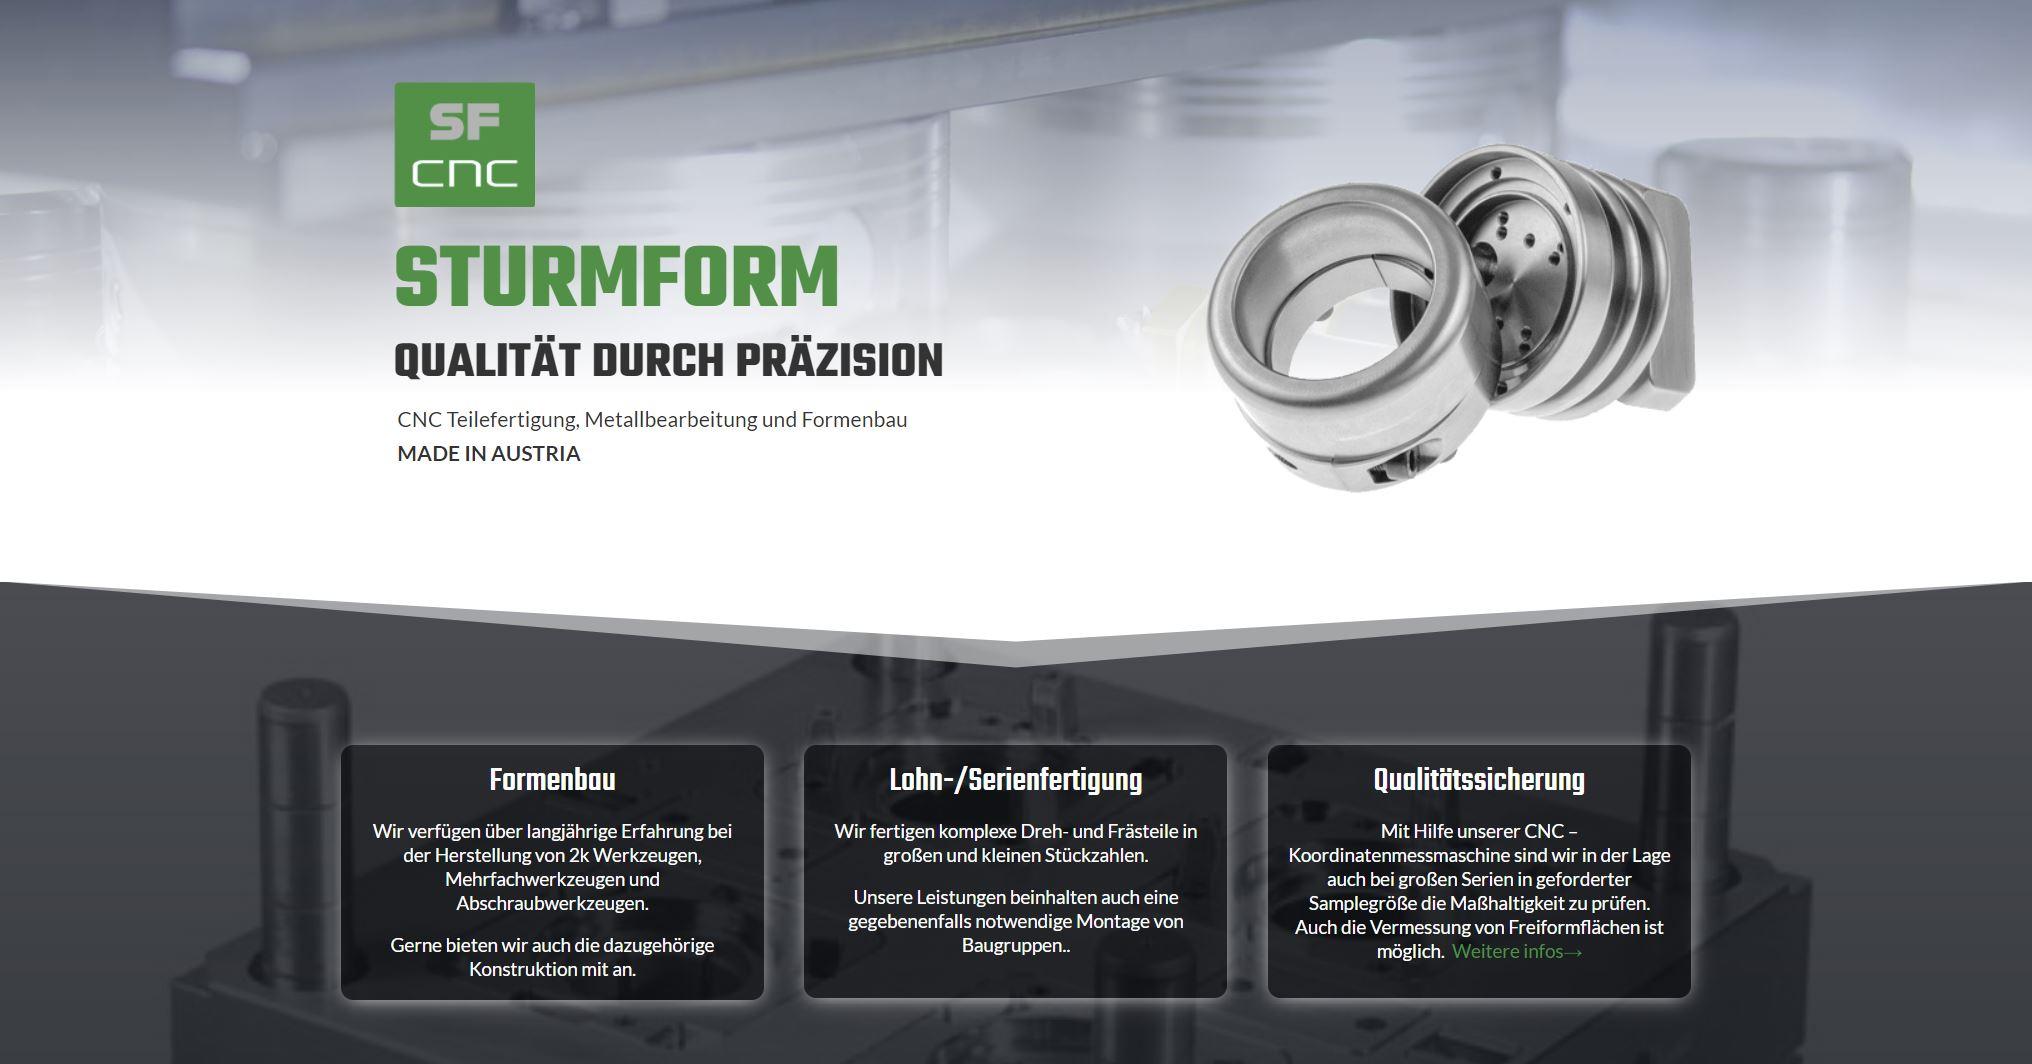 CNC Teilefertigung, Metallbearbeitung und Formenbau MADE IN AUSTRIA